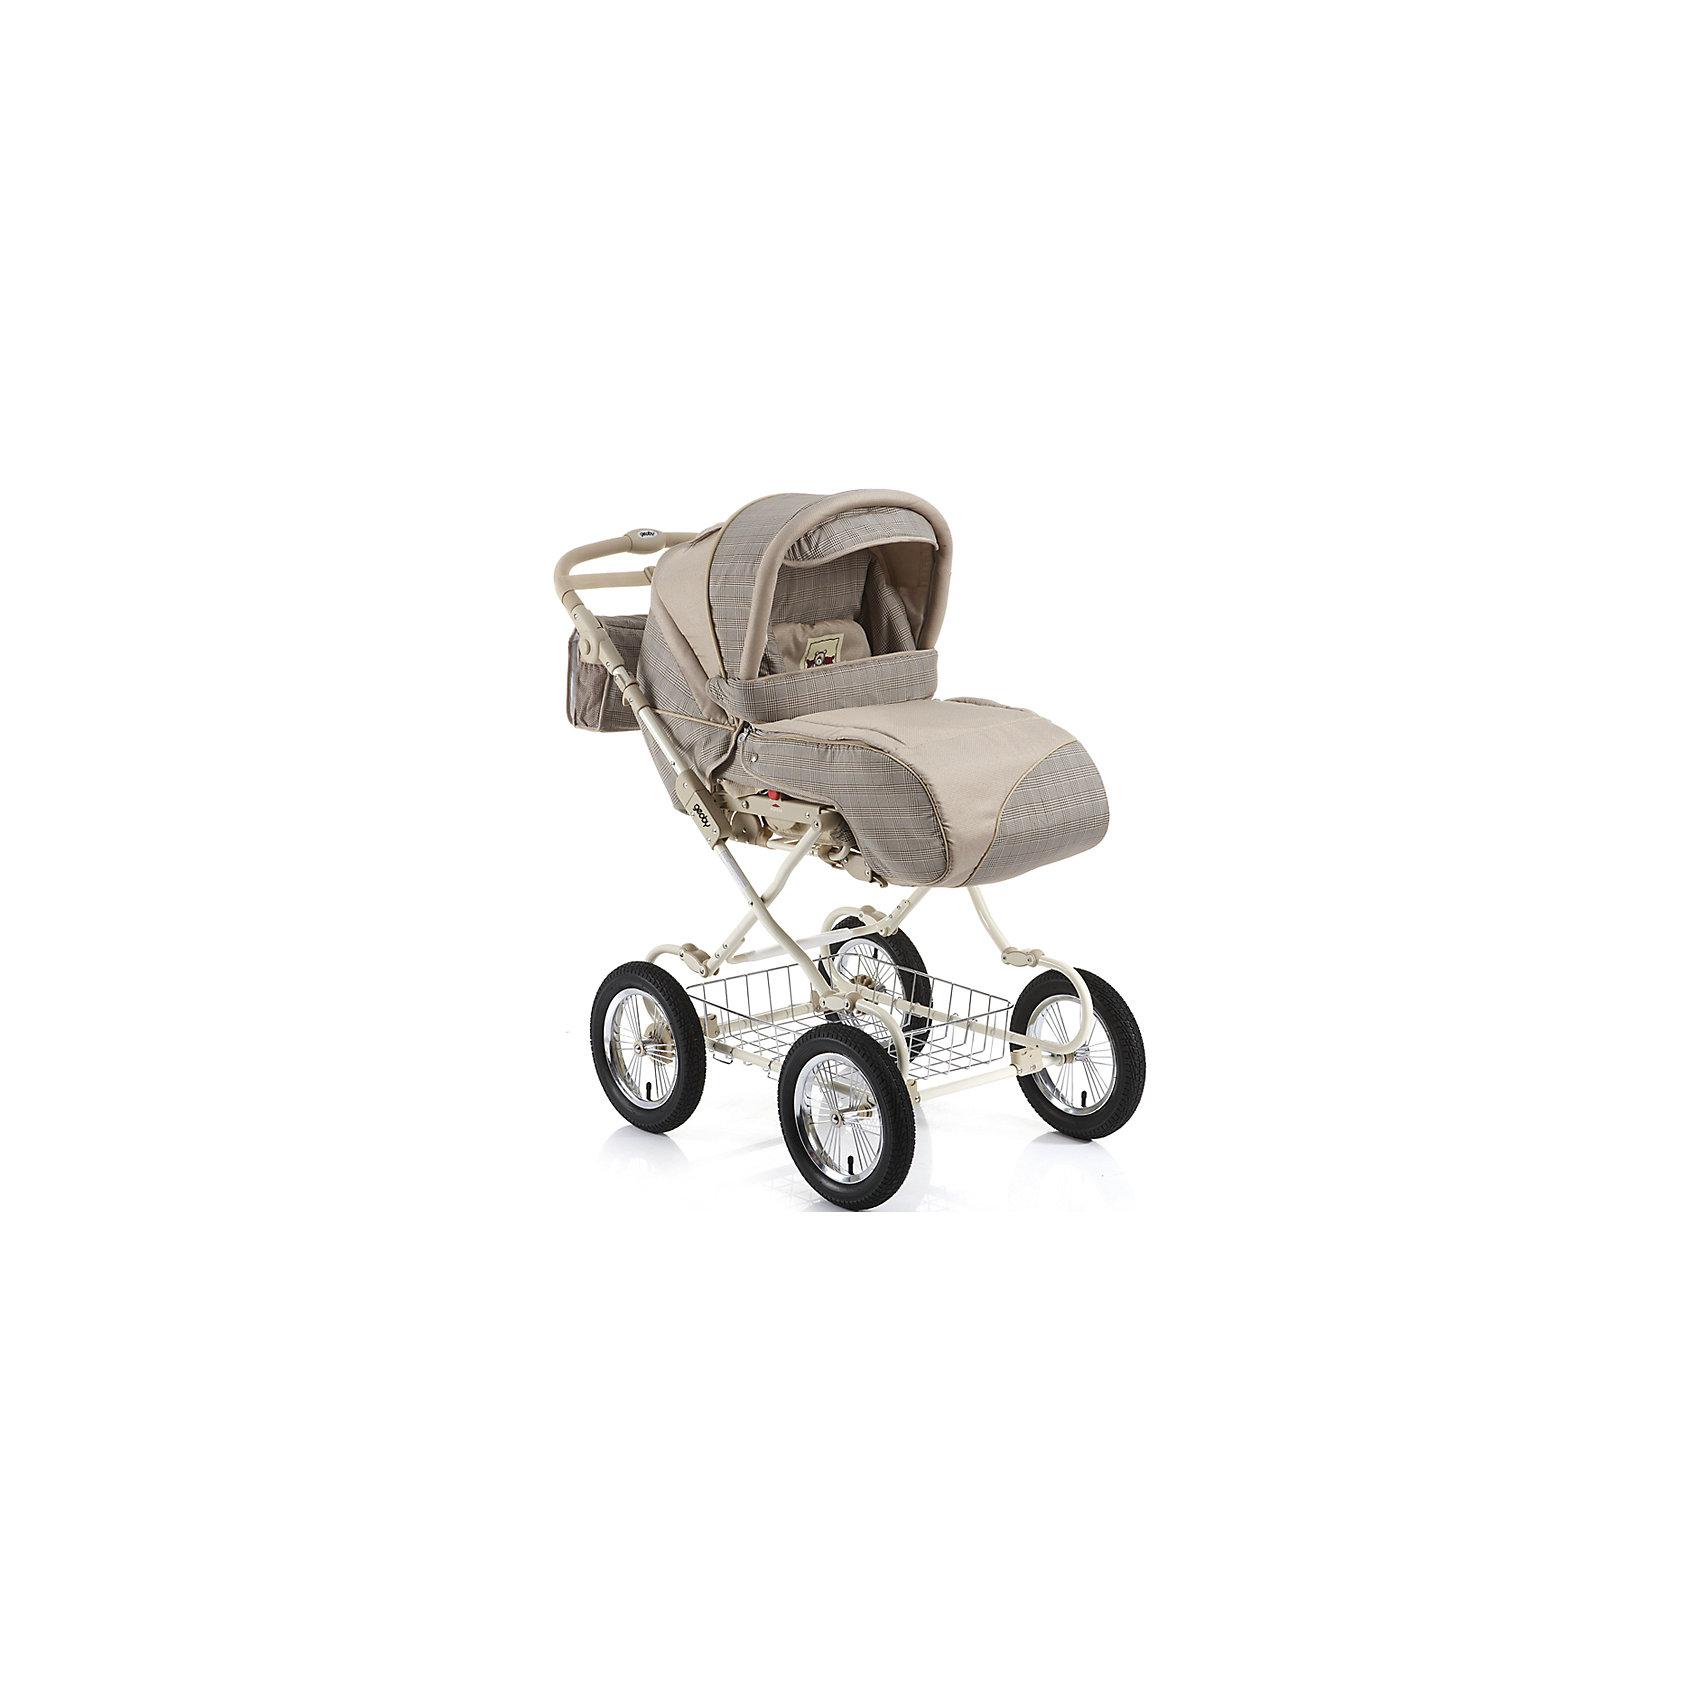 Коляска-трансформер 05C601H (340), Geoby, бежевыйКоляска универсальная Geoby (Геоби) С601H – невероятно уютная и просторная даже для крупного малыша. В ней крохе мягко и комфортно, а ткань обивки гипоаллергенна, легко чистится и всегда радует своим первозданным видом. Немаловажная деталь коляски - большие колеса, благодаря которым коляска отличается хорошей проходимостью и устойчивостью. Амортизация делает все поездки особенно приятными и комфортными для малыша. Стальная рама и прочная конструкция делают модель надежной и очень практичной, а главное – безопасной для малыша. Система пятиточечных ремней комфортно закрепить кроху в сидении, не вызывая у малыша негодования или возмущений. Широкий капюшон, козырек от солнца и смотровое окошко позволяют маме с легкостью заботиться о крохе во время прогулок.<br><br>Дополнительная информация:<br><br>Стальная рама<br>3 положения наклона спинки<br>2 положения подножки<br>Пневмоколеса<br>Амортизационная подвеска<br>Съемные колеса на подшипниках<br>Съемный прогулочный блок устанавливается в любом направлении движения<br>Ремни для переноски прогулочного блока<br>Светоотражающие полосы<br>Регулируемая по высоте ручка<br>Система ремней безопасности<br>Смотровое окно<br>Вентиляционное окно<br>Складной козырек от солнца<br>Багажная корзина.<br>В комплекте: полог, сумка, дождевик, москитная сетка, матрасик, люлька для переноски ребенка, насос.<br>Размер в разложенном виде: 895 х 600 х 1045 мм.<br>Диаметр колес: 30 см.<br>Вес коляски: 20,5 кг. <br><br>Коляску-трансформер 05C601H (340), Geoby (Геоби), бежевый можно купить в нашем магазине.<br><br>Ширина мм: 535<br>Глубина мм: 400<br>Высота мм: 900<br>Вес г: 24100<br>Возраст от месяцев: 0<br>Возраст до месяцев: 36<br>Пол: Унисекс<br>Возраст: Детский<br>SKU: 4640531